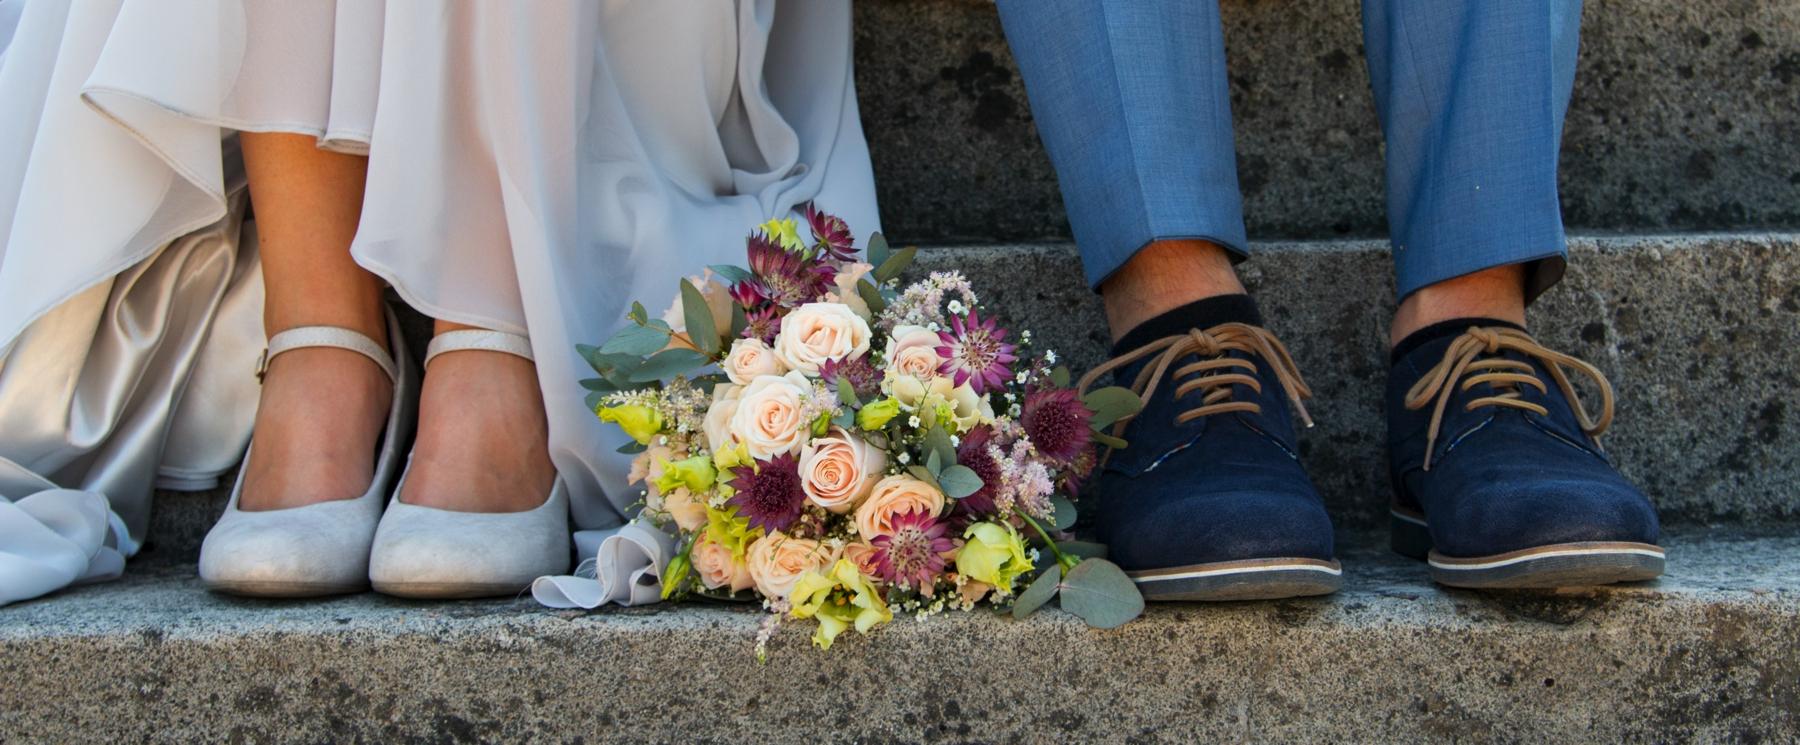 Brautpaar Schuhe und Brautstrauß